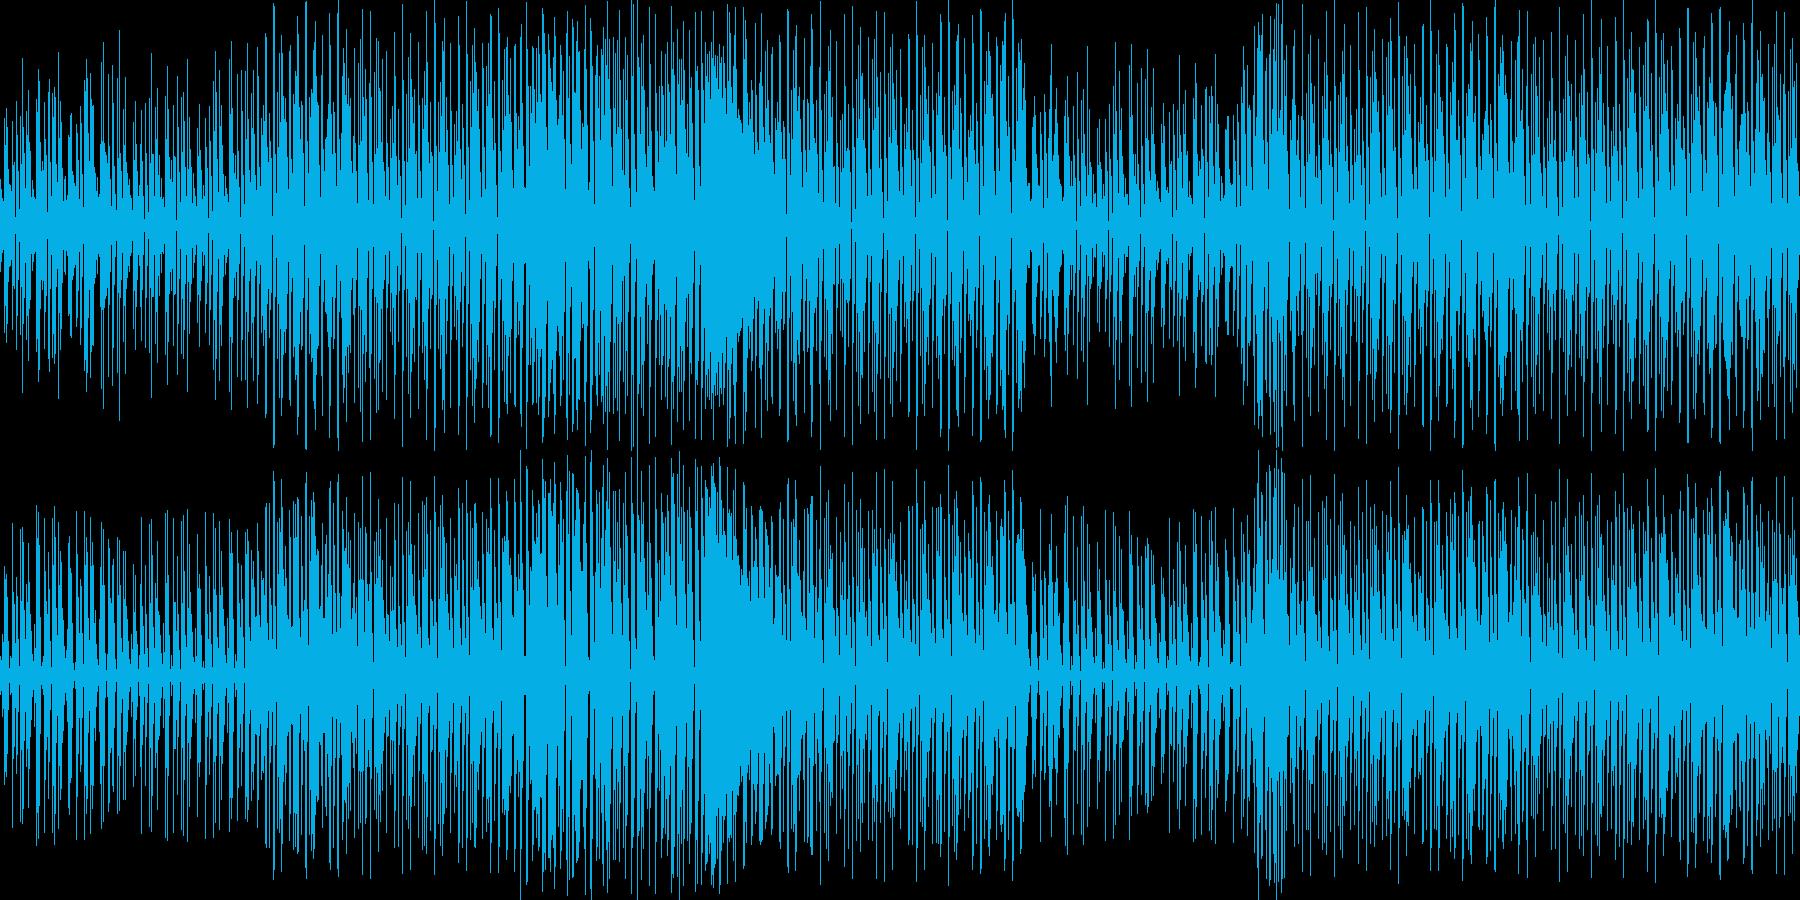 【キラキラでかわいいダンスミュージック】の再生済みの波形